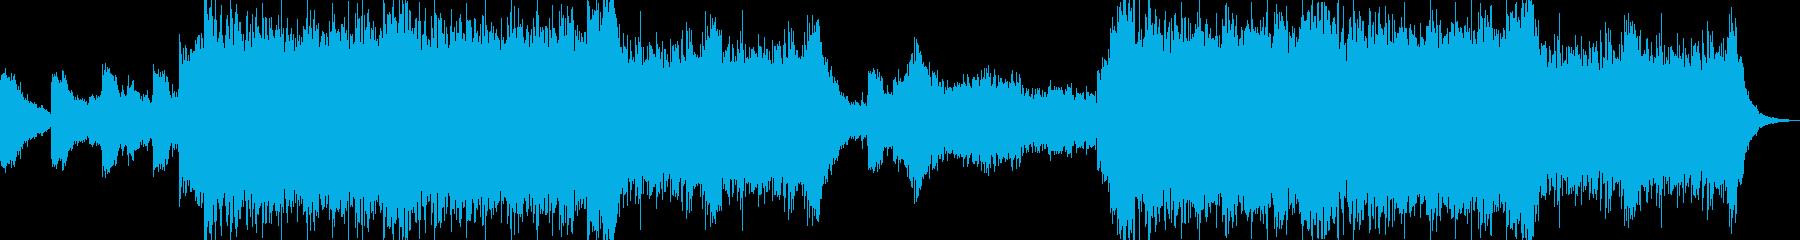 オーケストラ_クワイア_疾走感の再生済みの波形